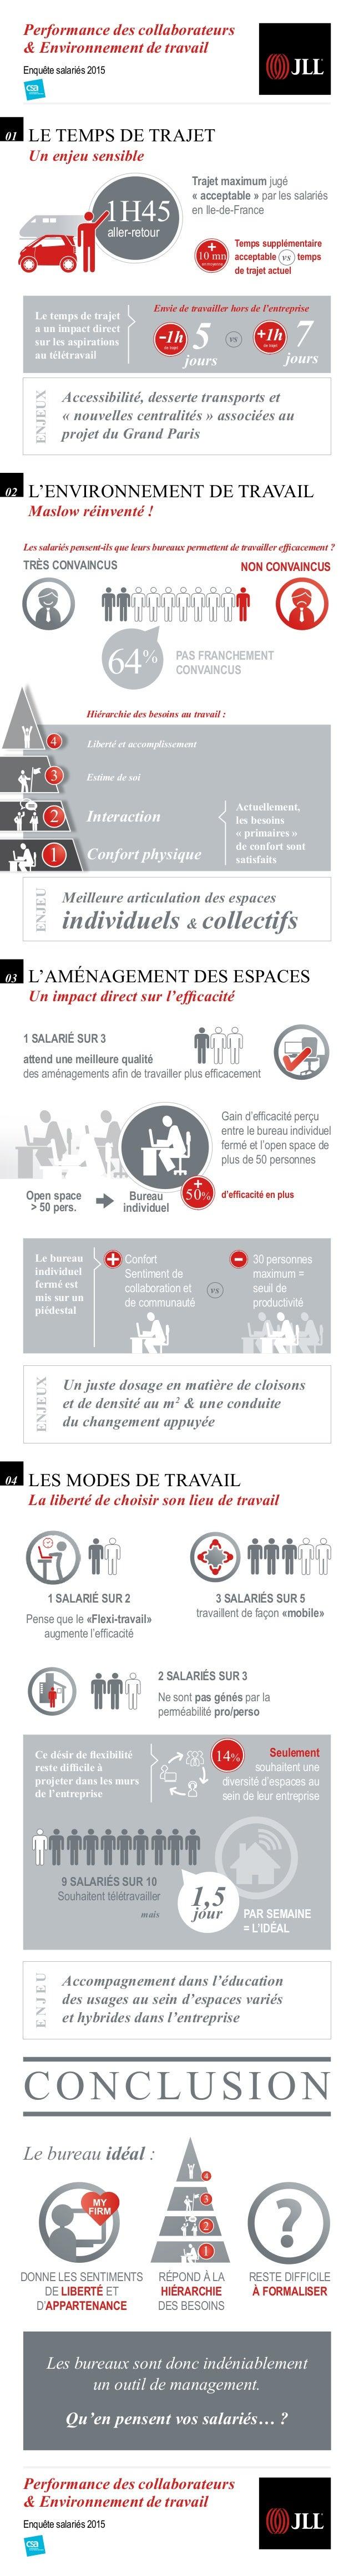 Performance des collaborateurs & Environnement de travail Enquête salariés 2015 Performance des collaborateurs & Environne...